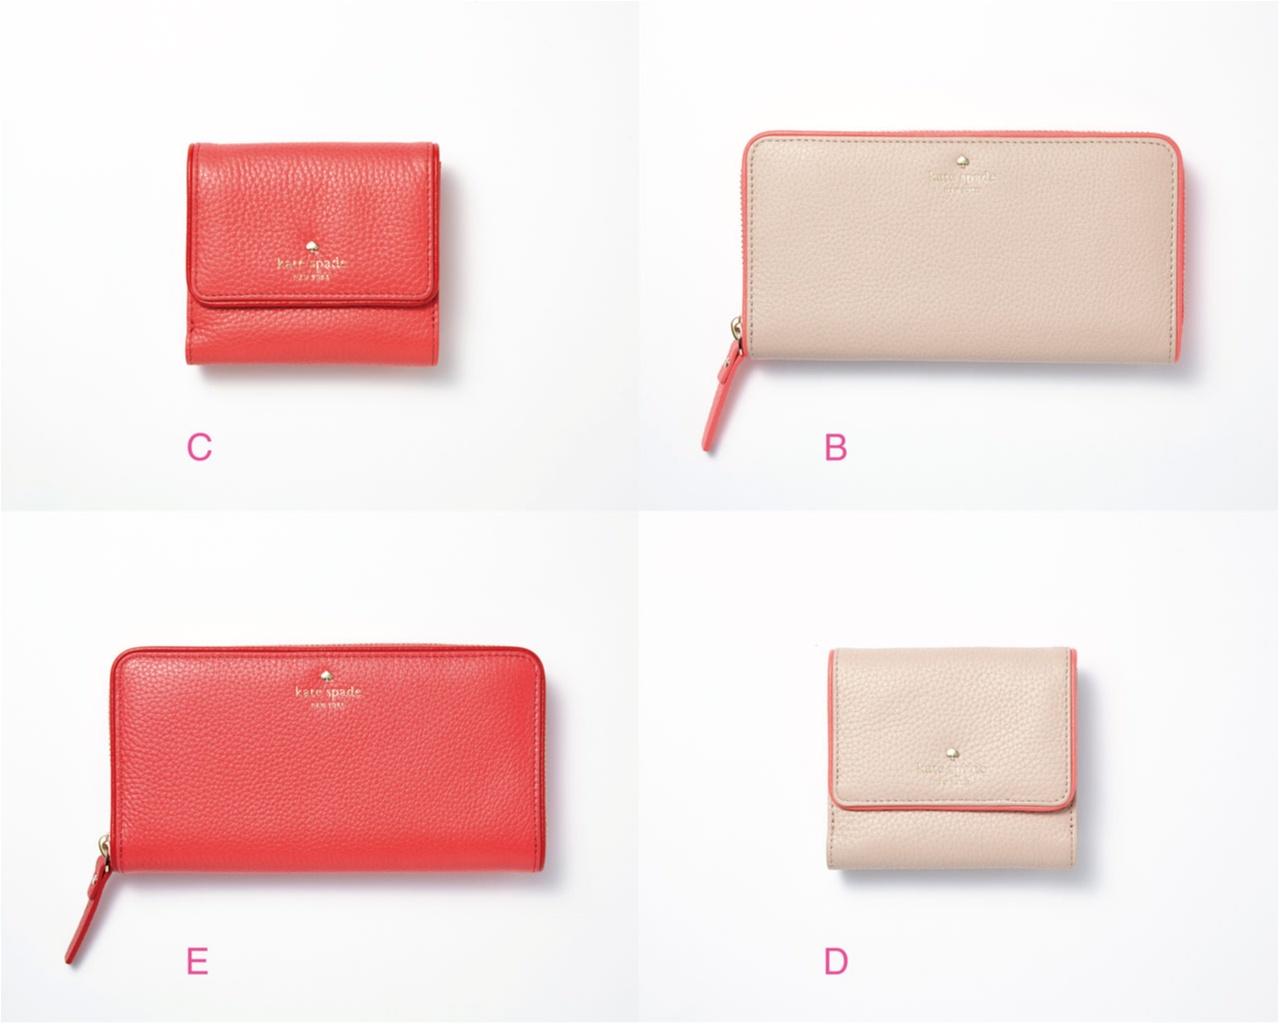 【応募終了】「ケイト・スペード ニューヨーク」最新バッグ&ウォレットを計42名様にプレゼント!_3